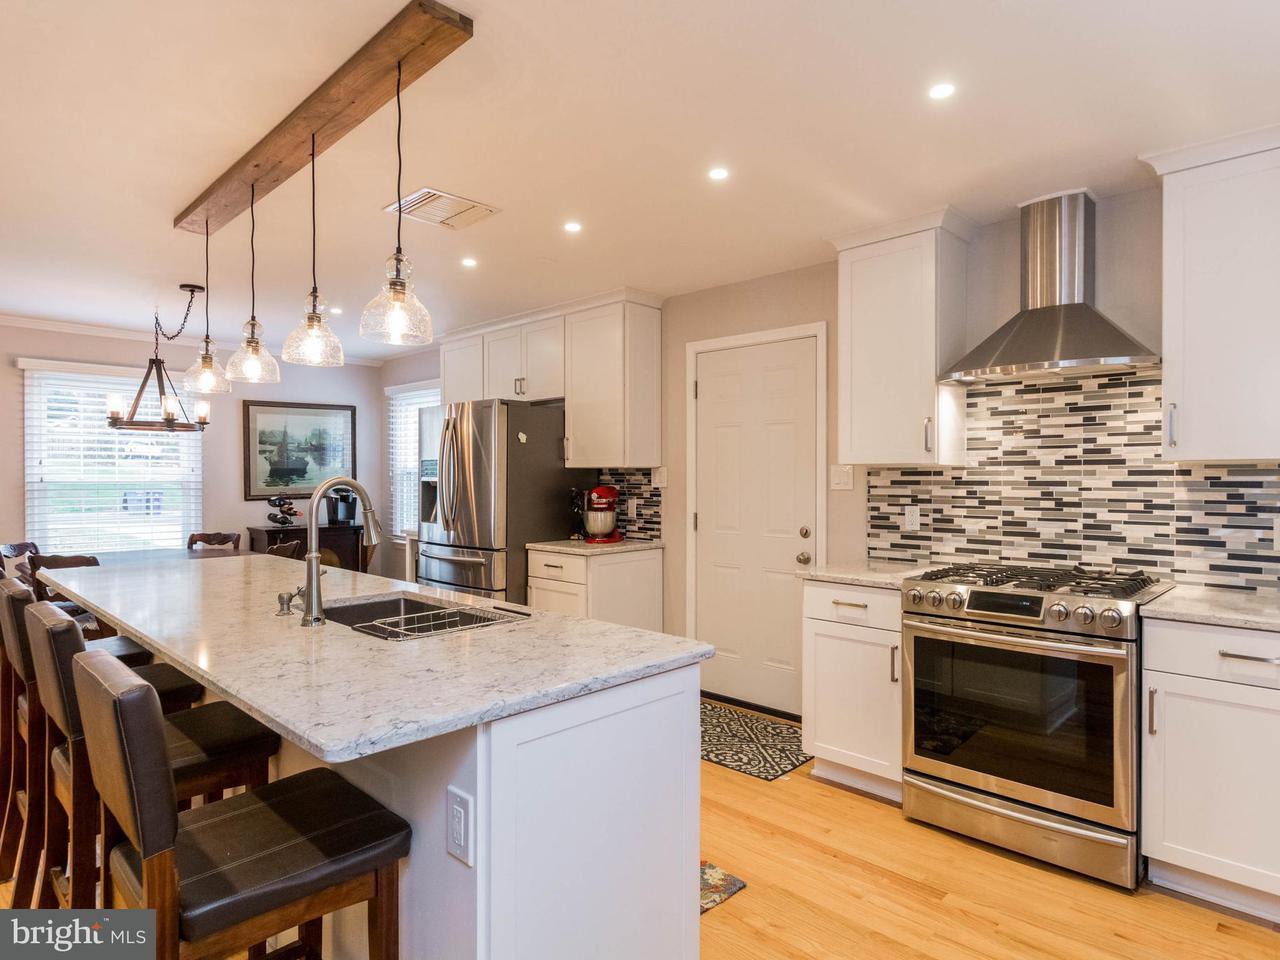 Μονοκατοικία για την Πώληση στο 239 Ridgeway Road 239 Ridgeway Road Catonsville, Μεριλαντ 21228 Ηνωμενεσ Πολιτειεσ